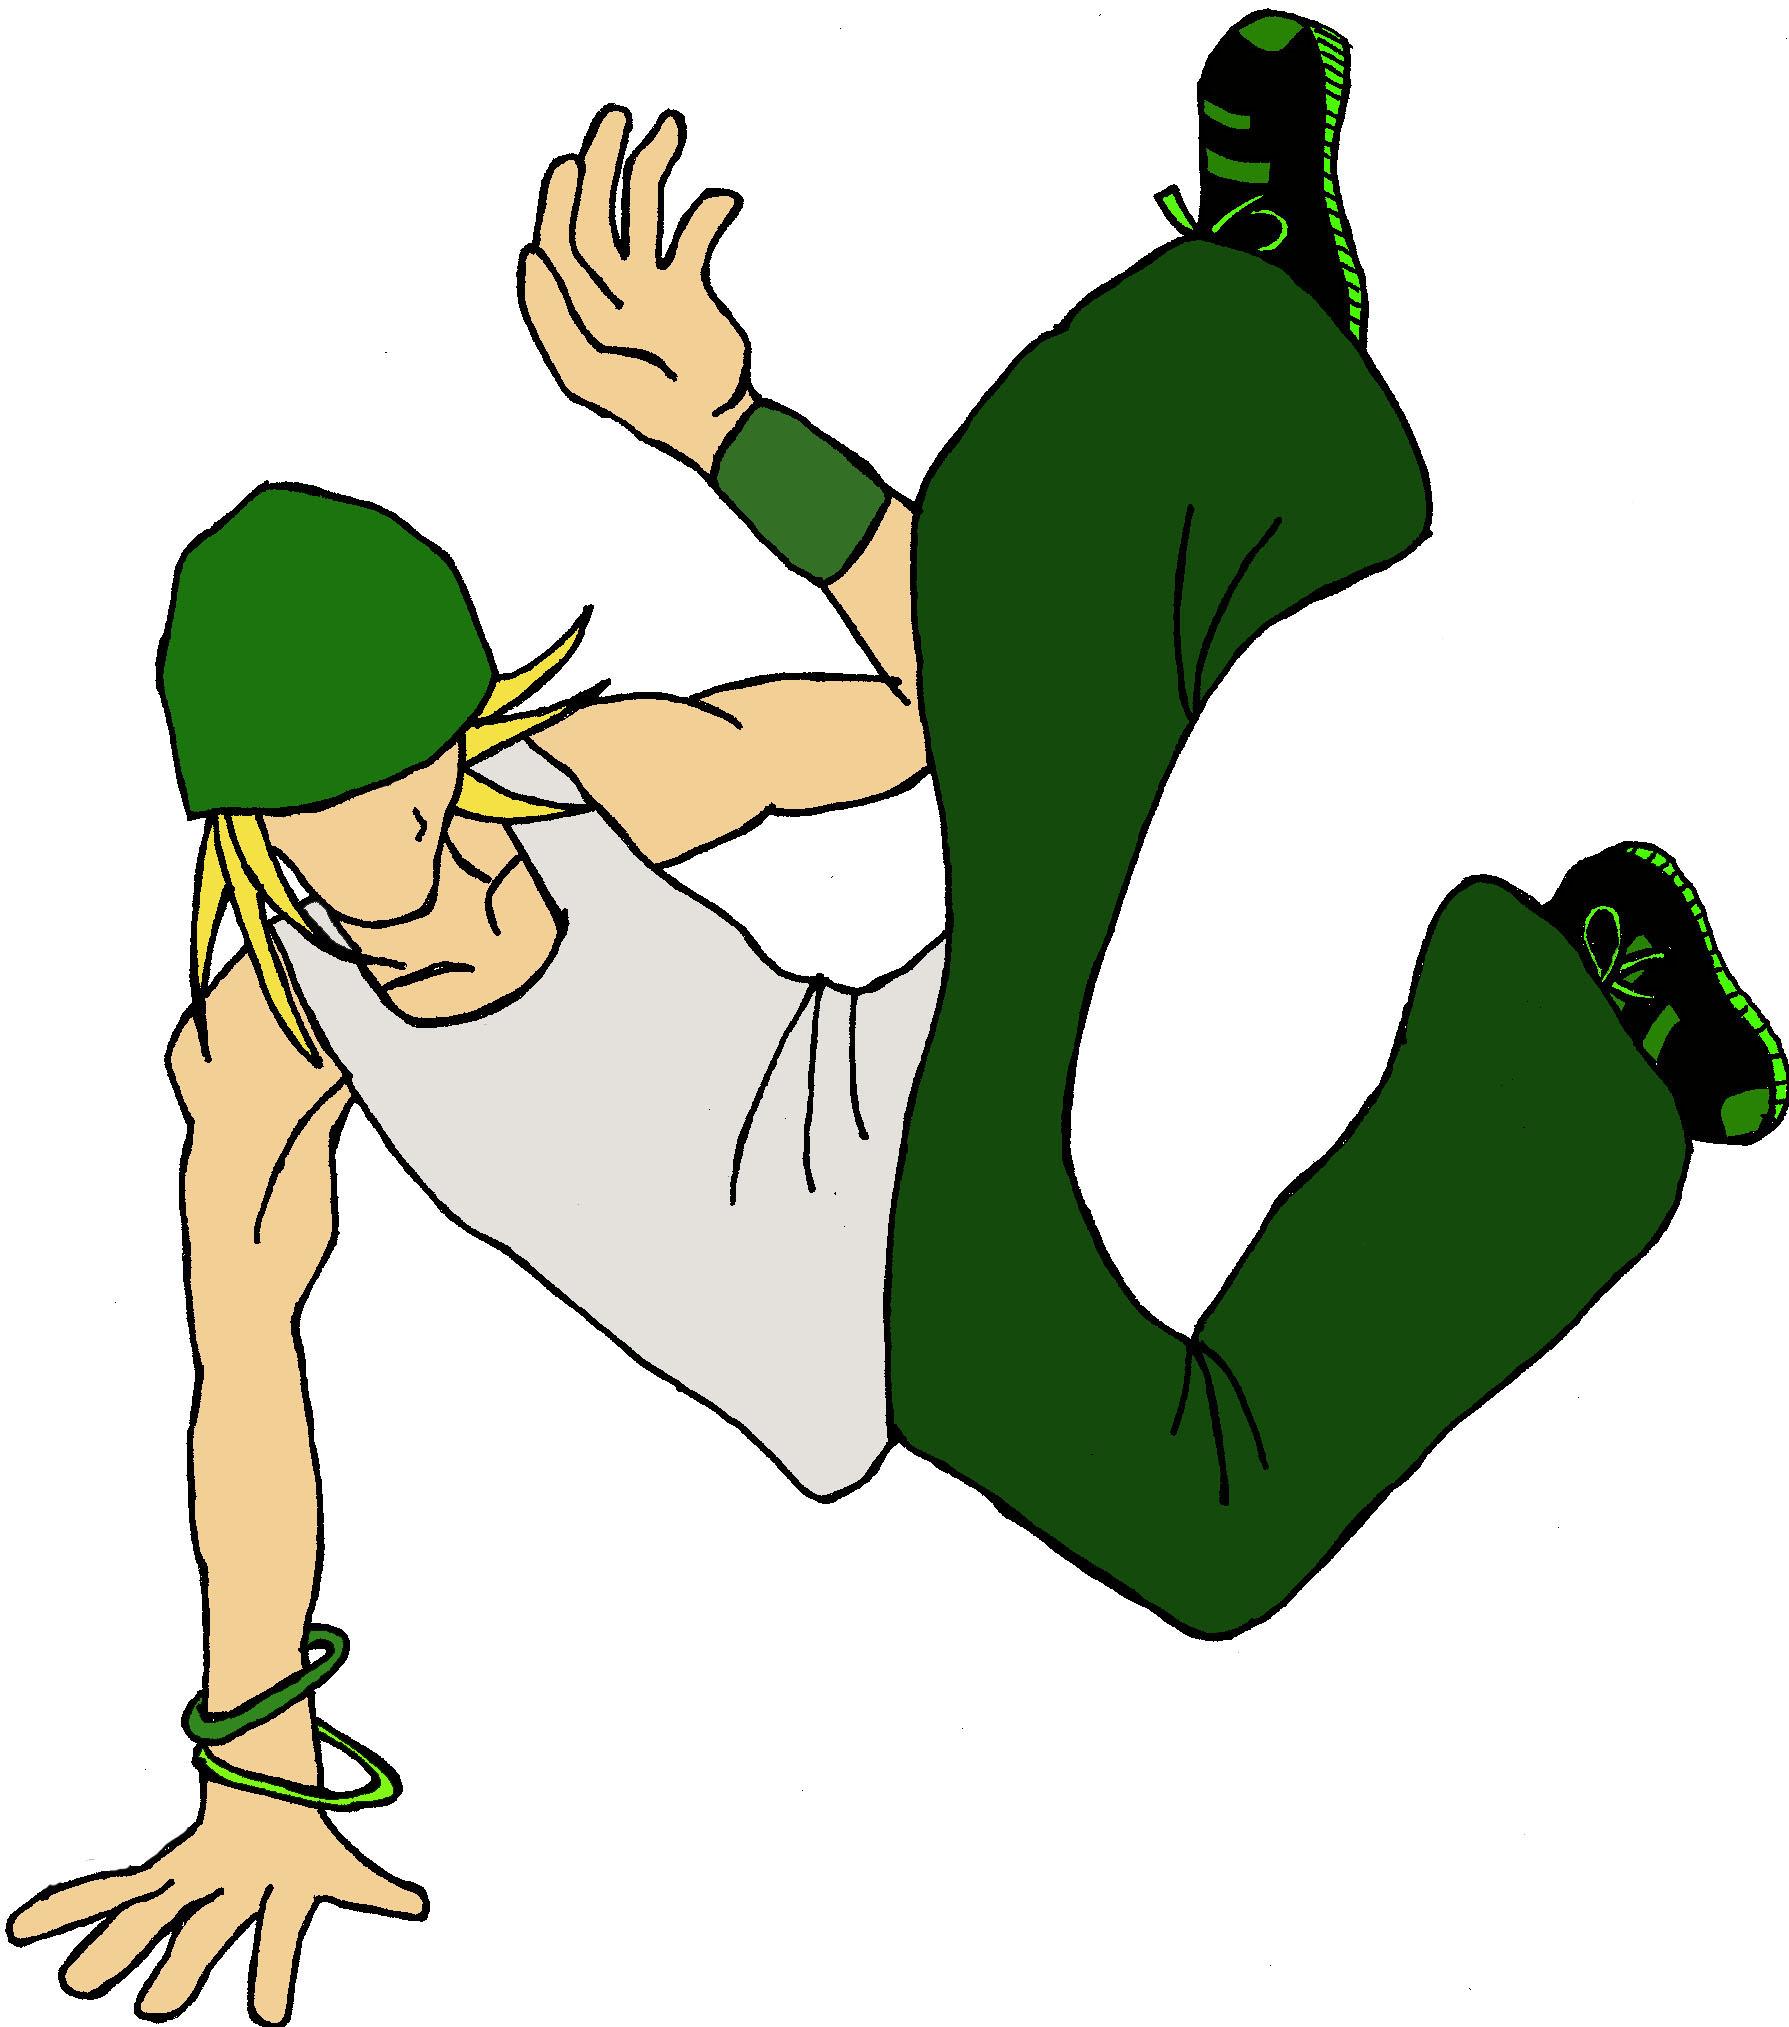 Breakdance!